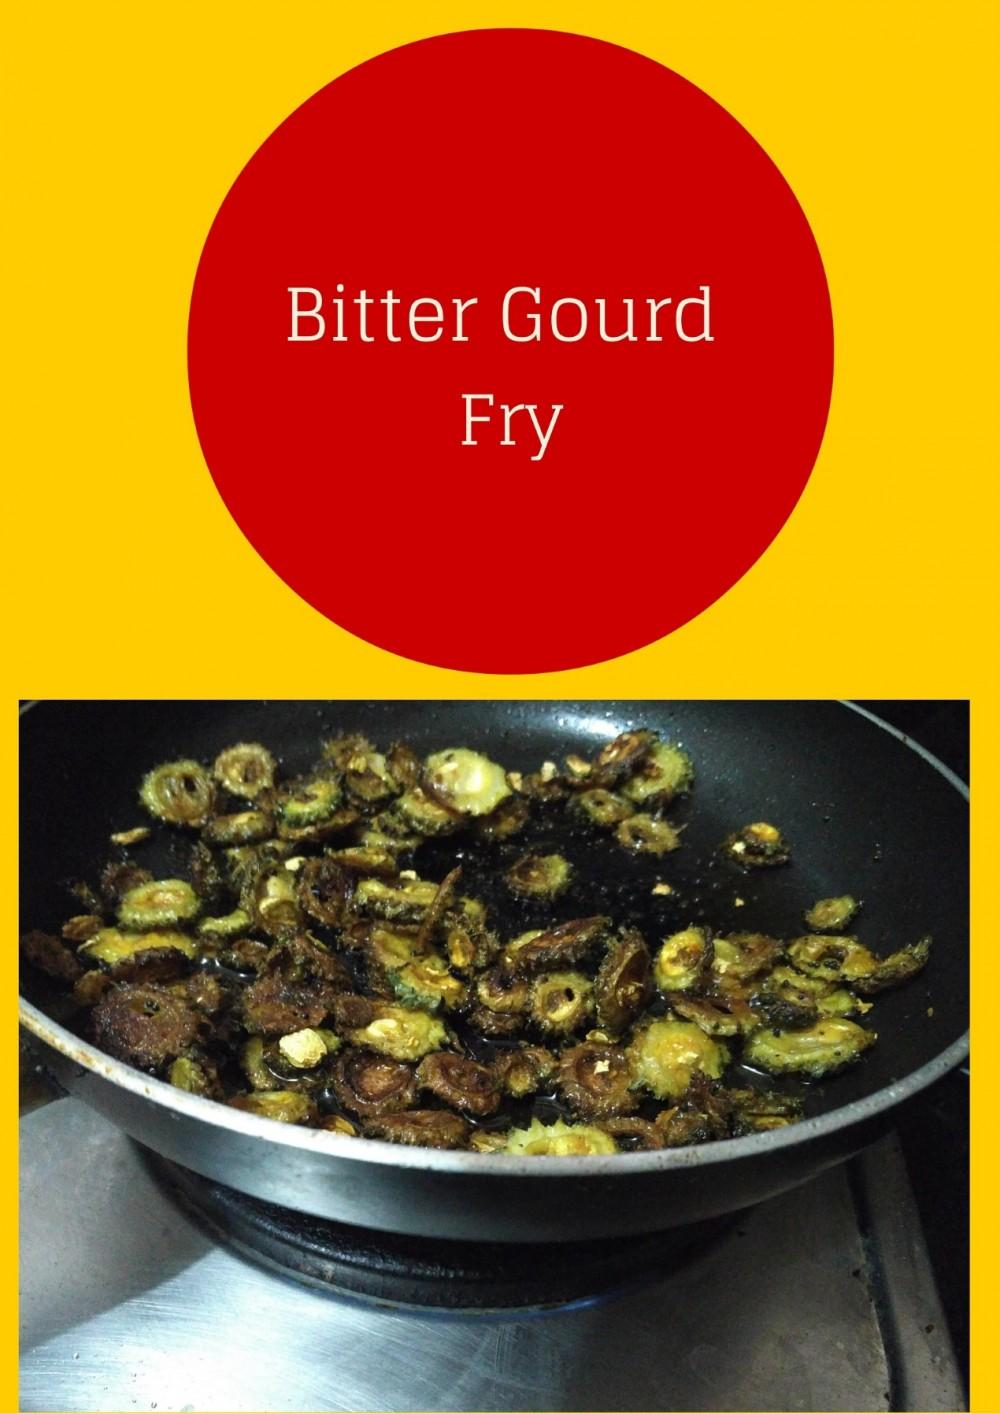 Bitter gourd fry